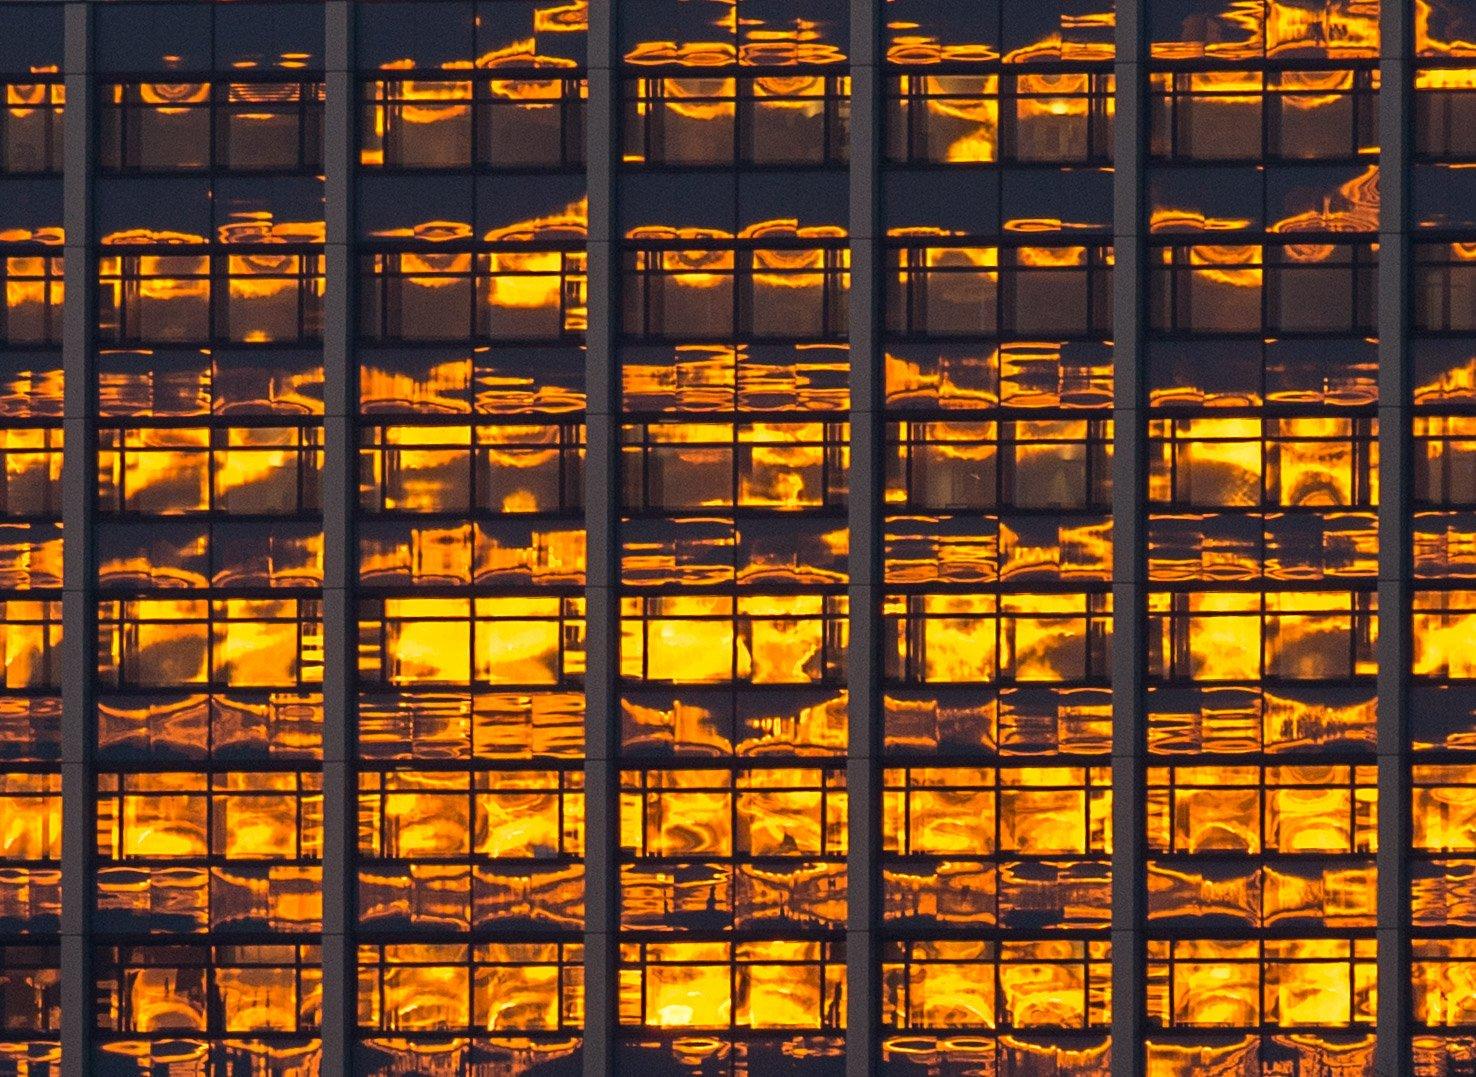 Die Morgensonne spiegelt sich in Hamburg in einer Glasfassade: Wäre auf den Fenstern schon die neue transparente Solarzelle der Leipziger Forscher aufgedampft, würde ultraviolettes Licht eingefangen und zur Stromproduktion genutzt.